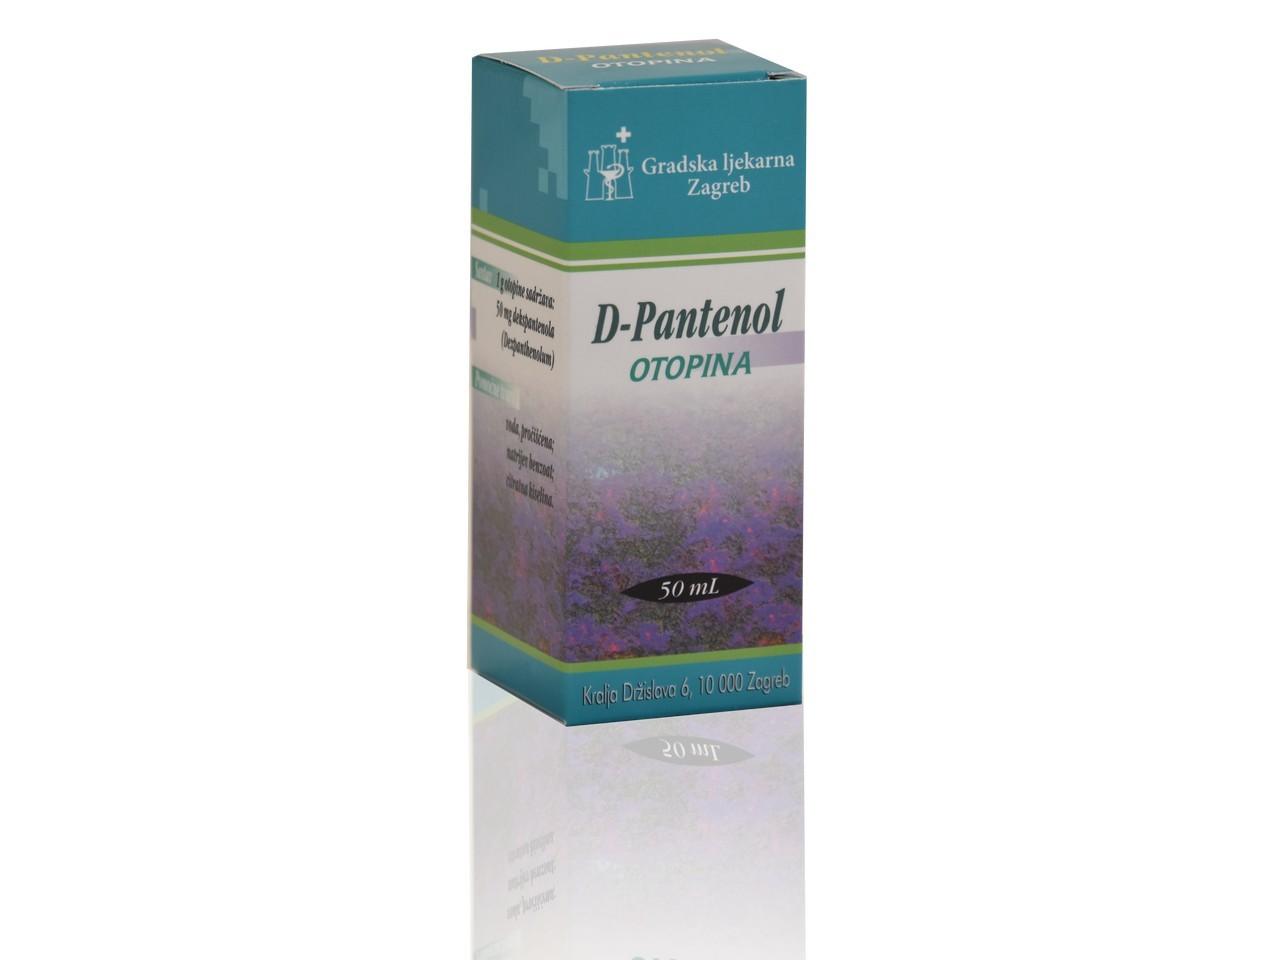 d-pantenol